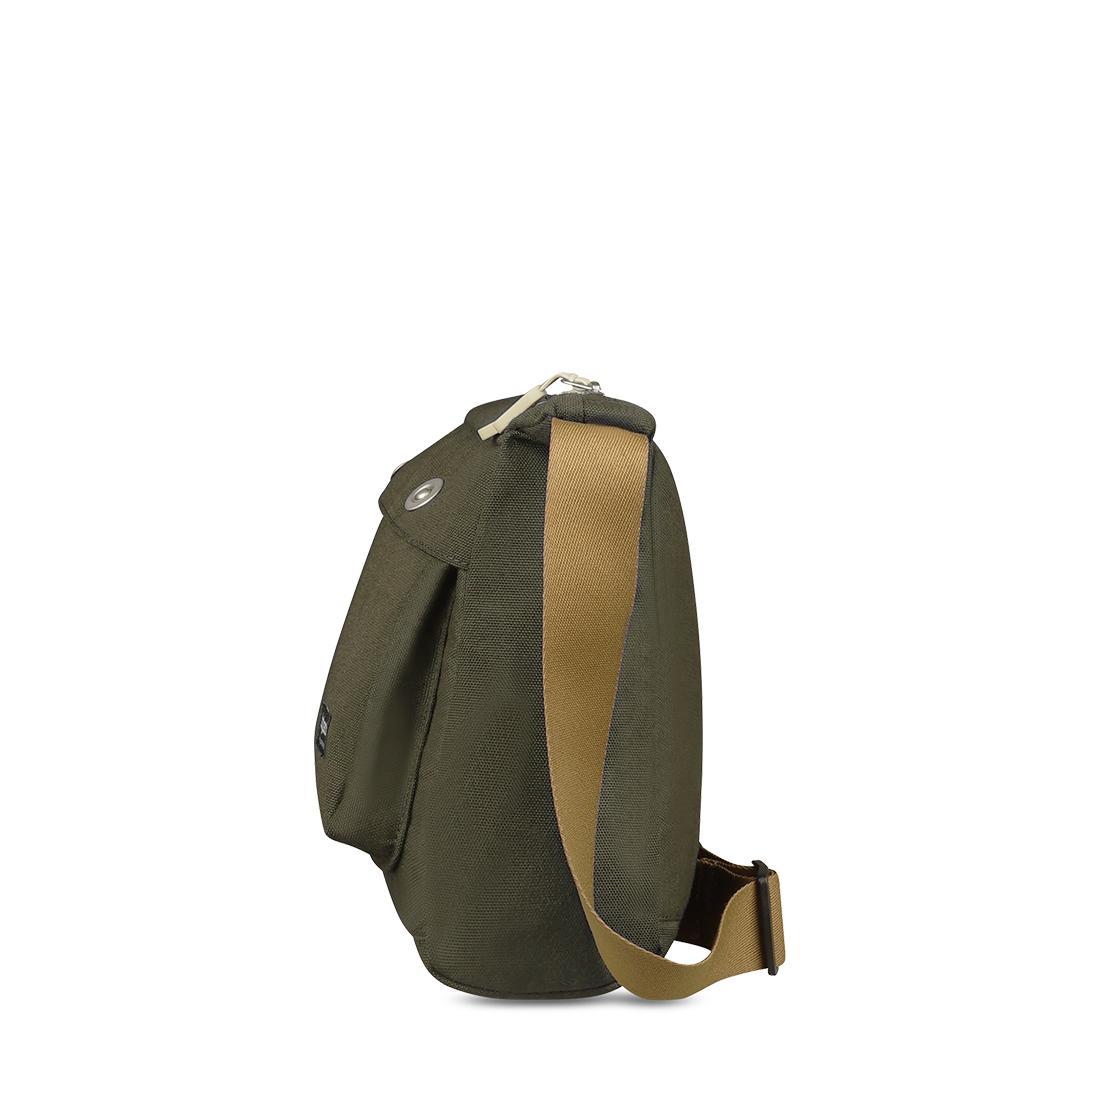 Bodypack Prodiger Based 2.0 Shoulder Bag